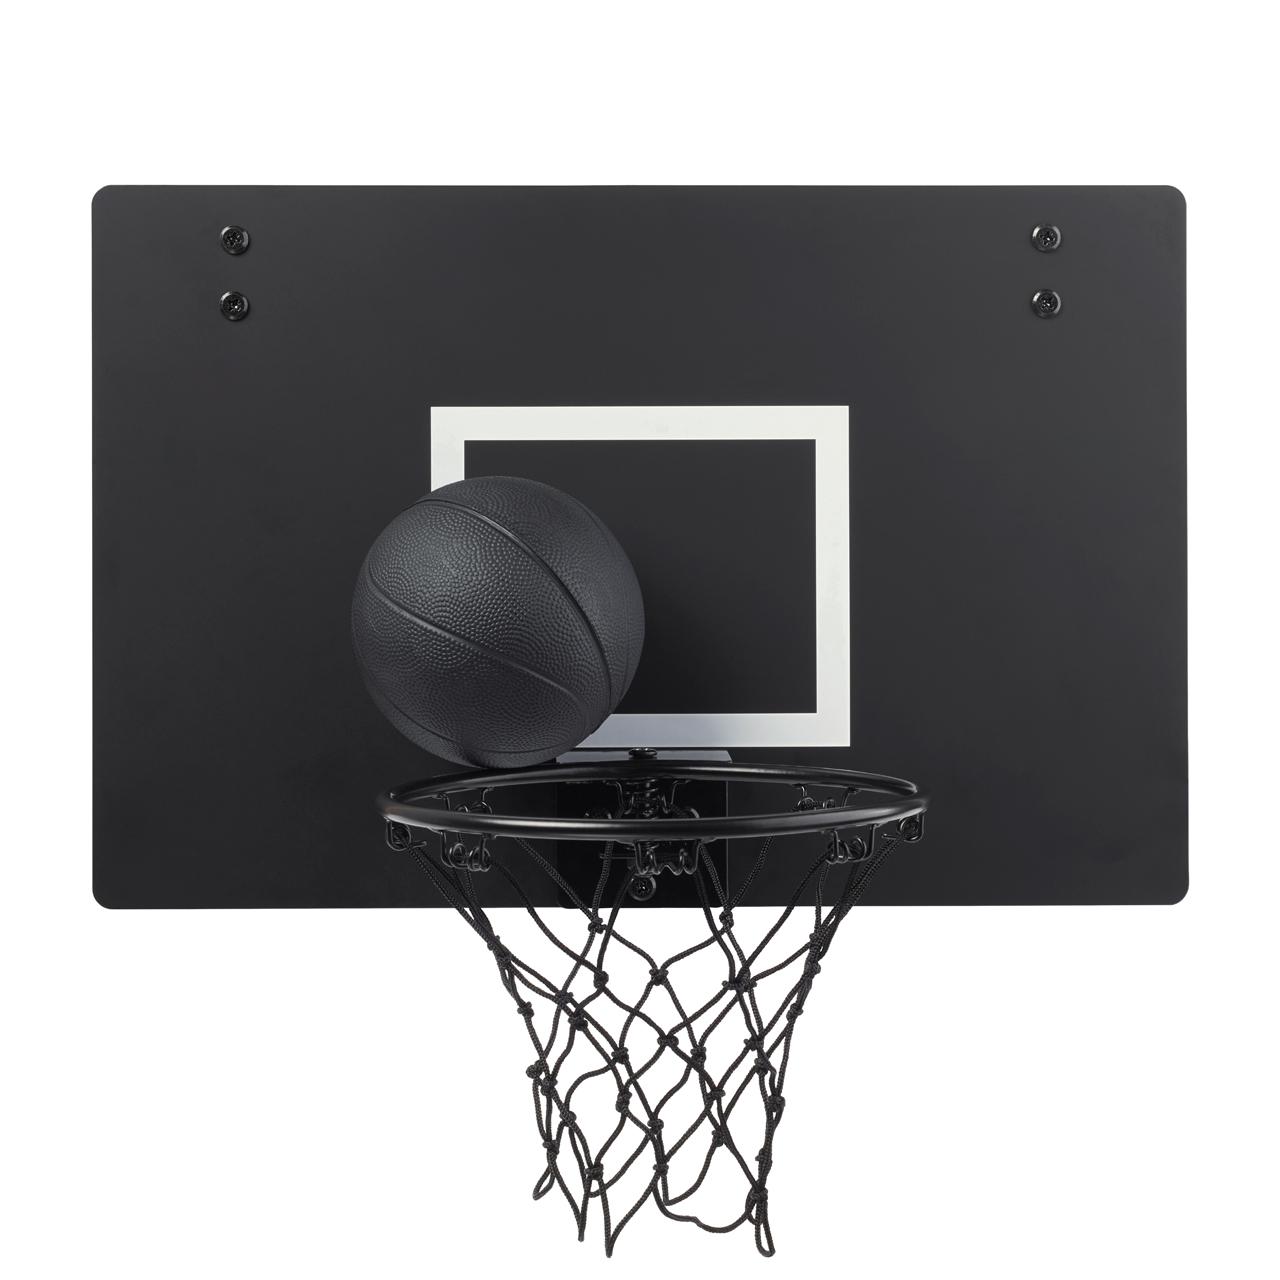 Czarny kosz do gry i czarna piłka koszykowa na białym tle.